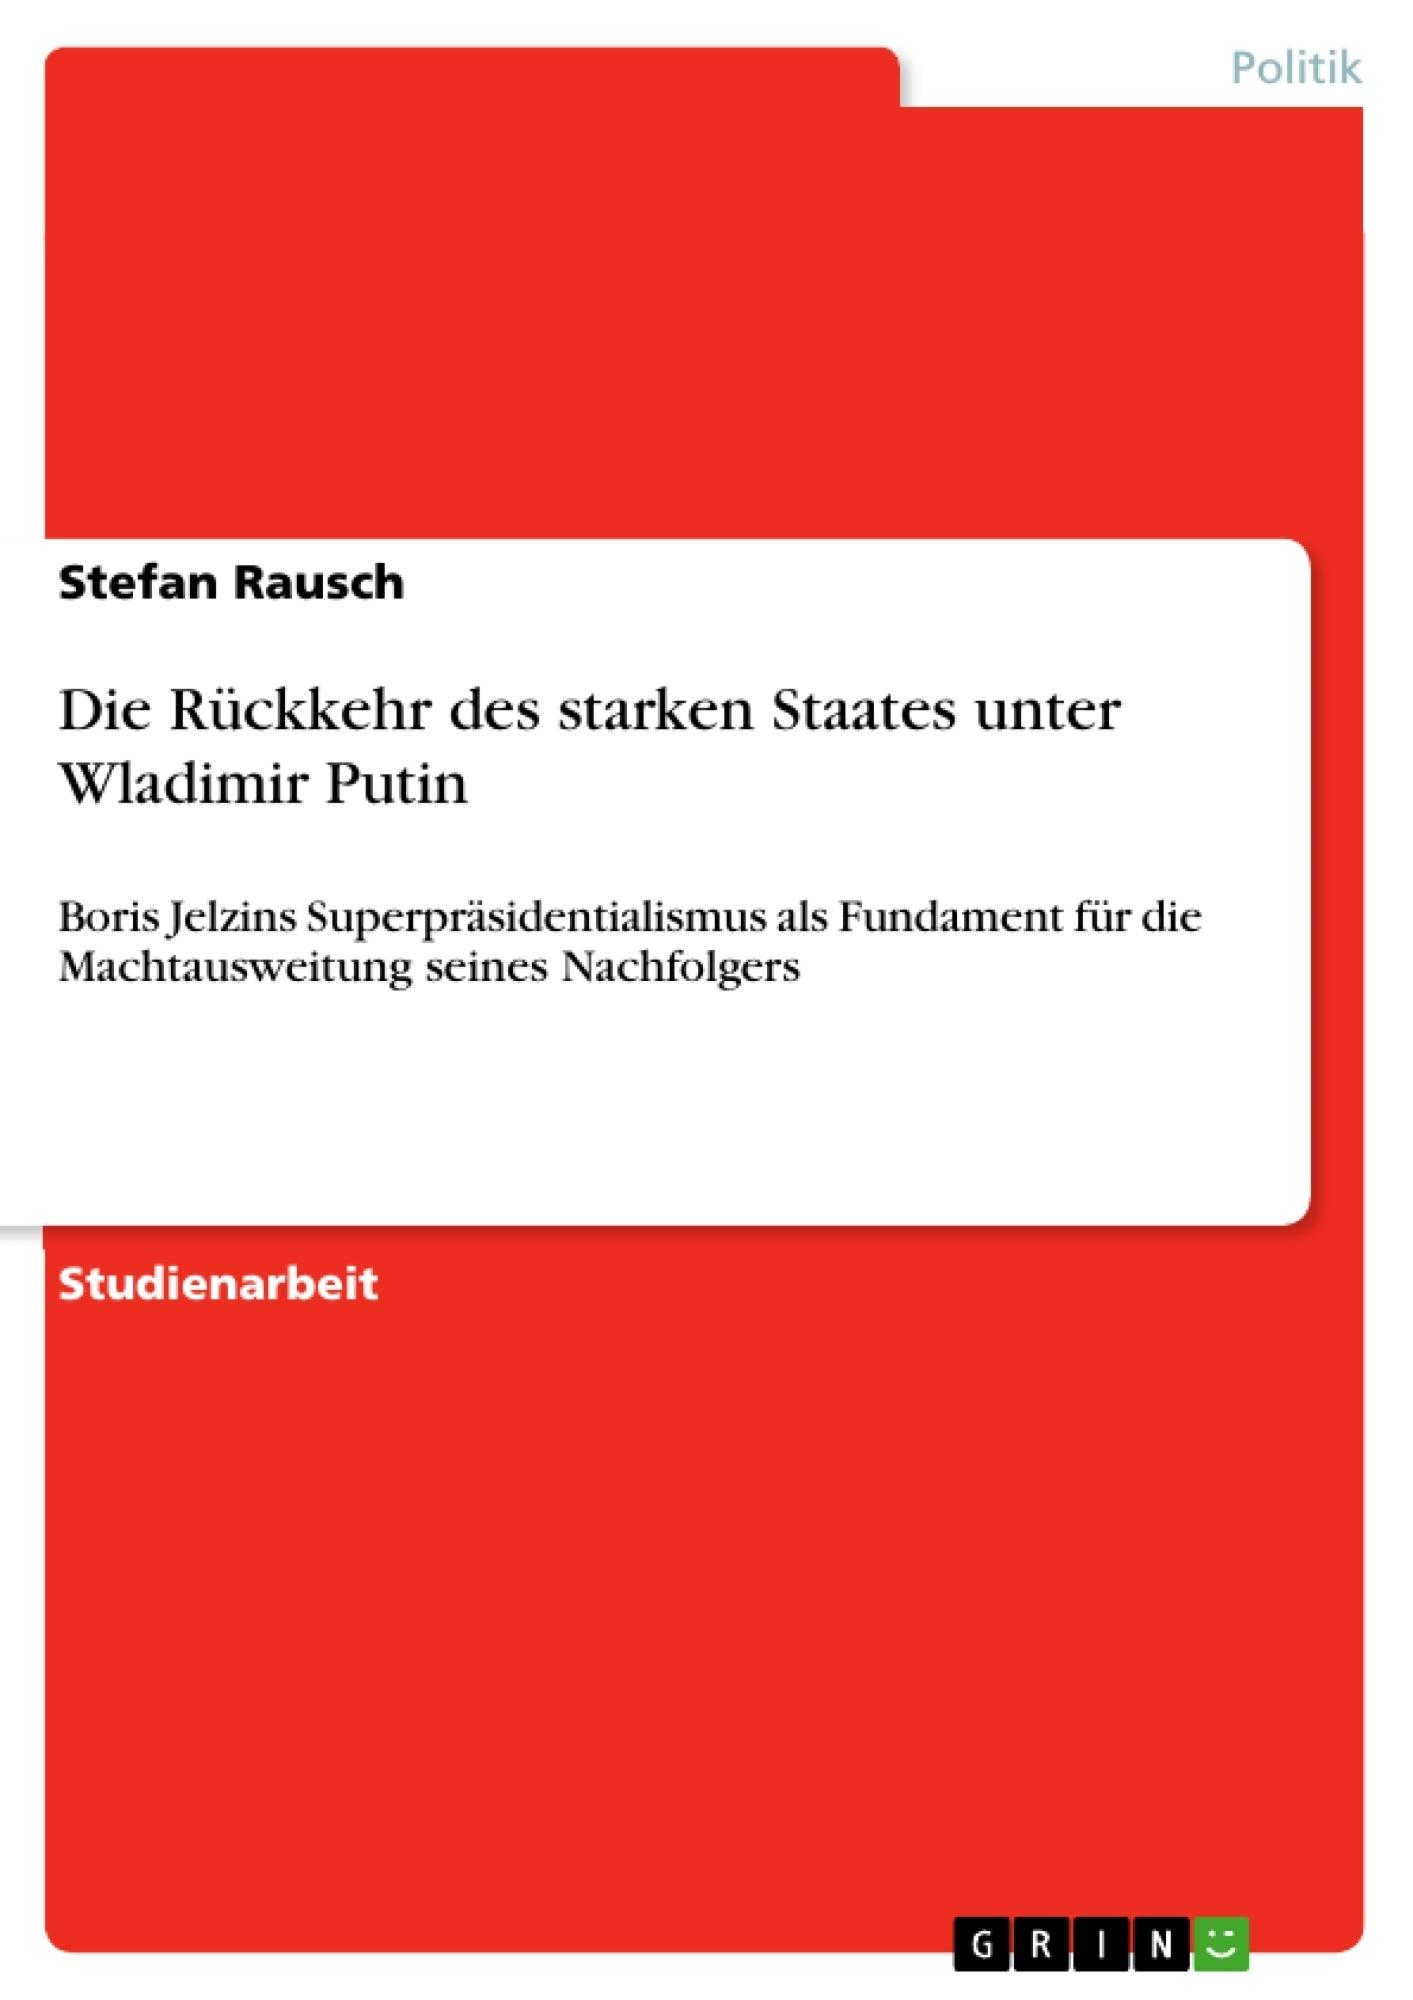 Titel: Die Rückkehr des starken Staates unter Wladimir Putin